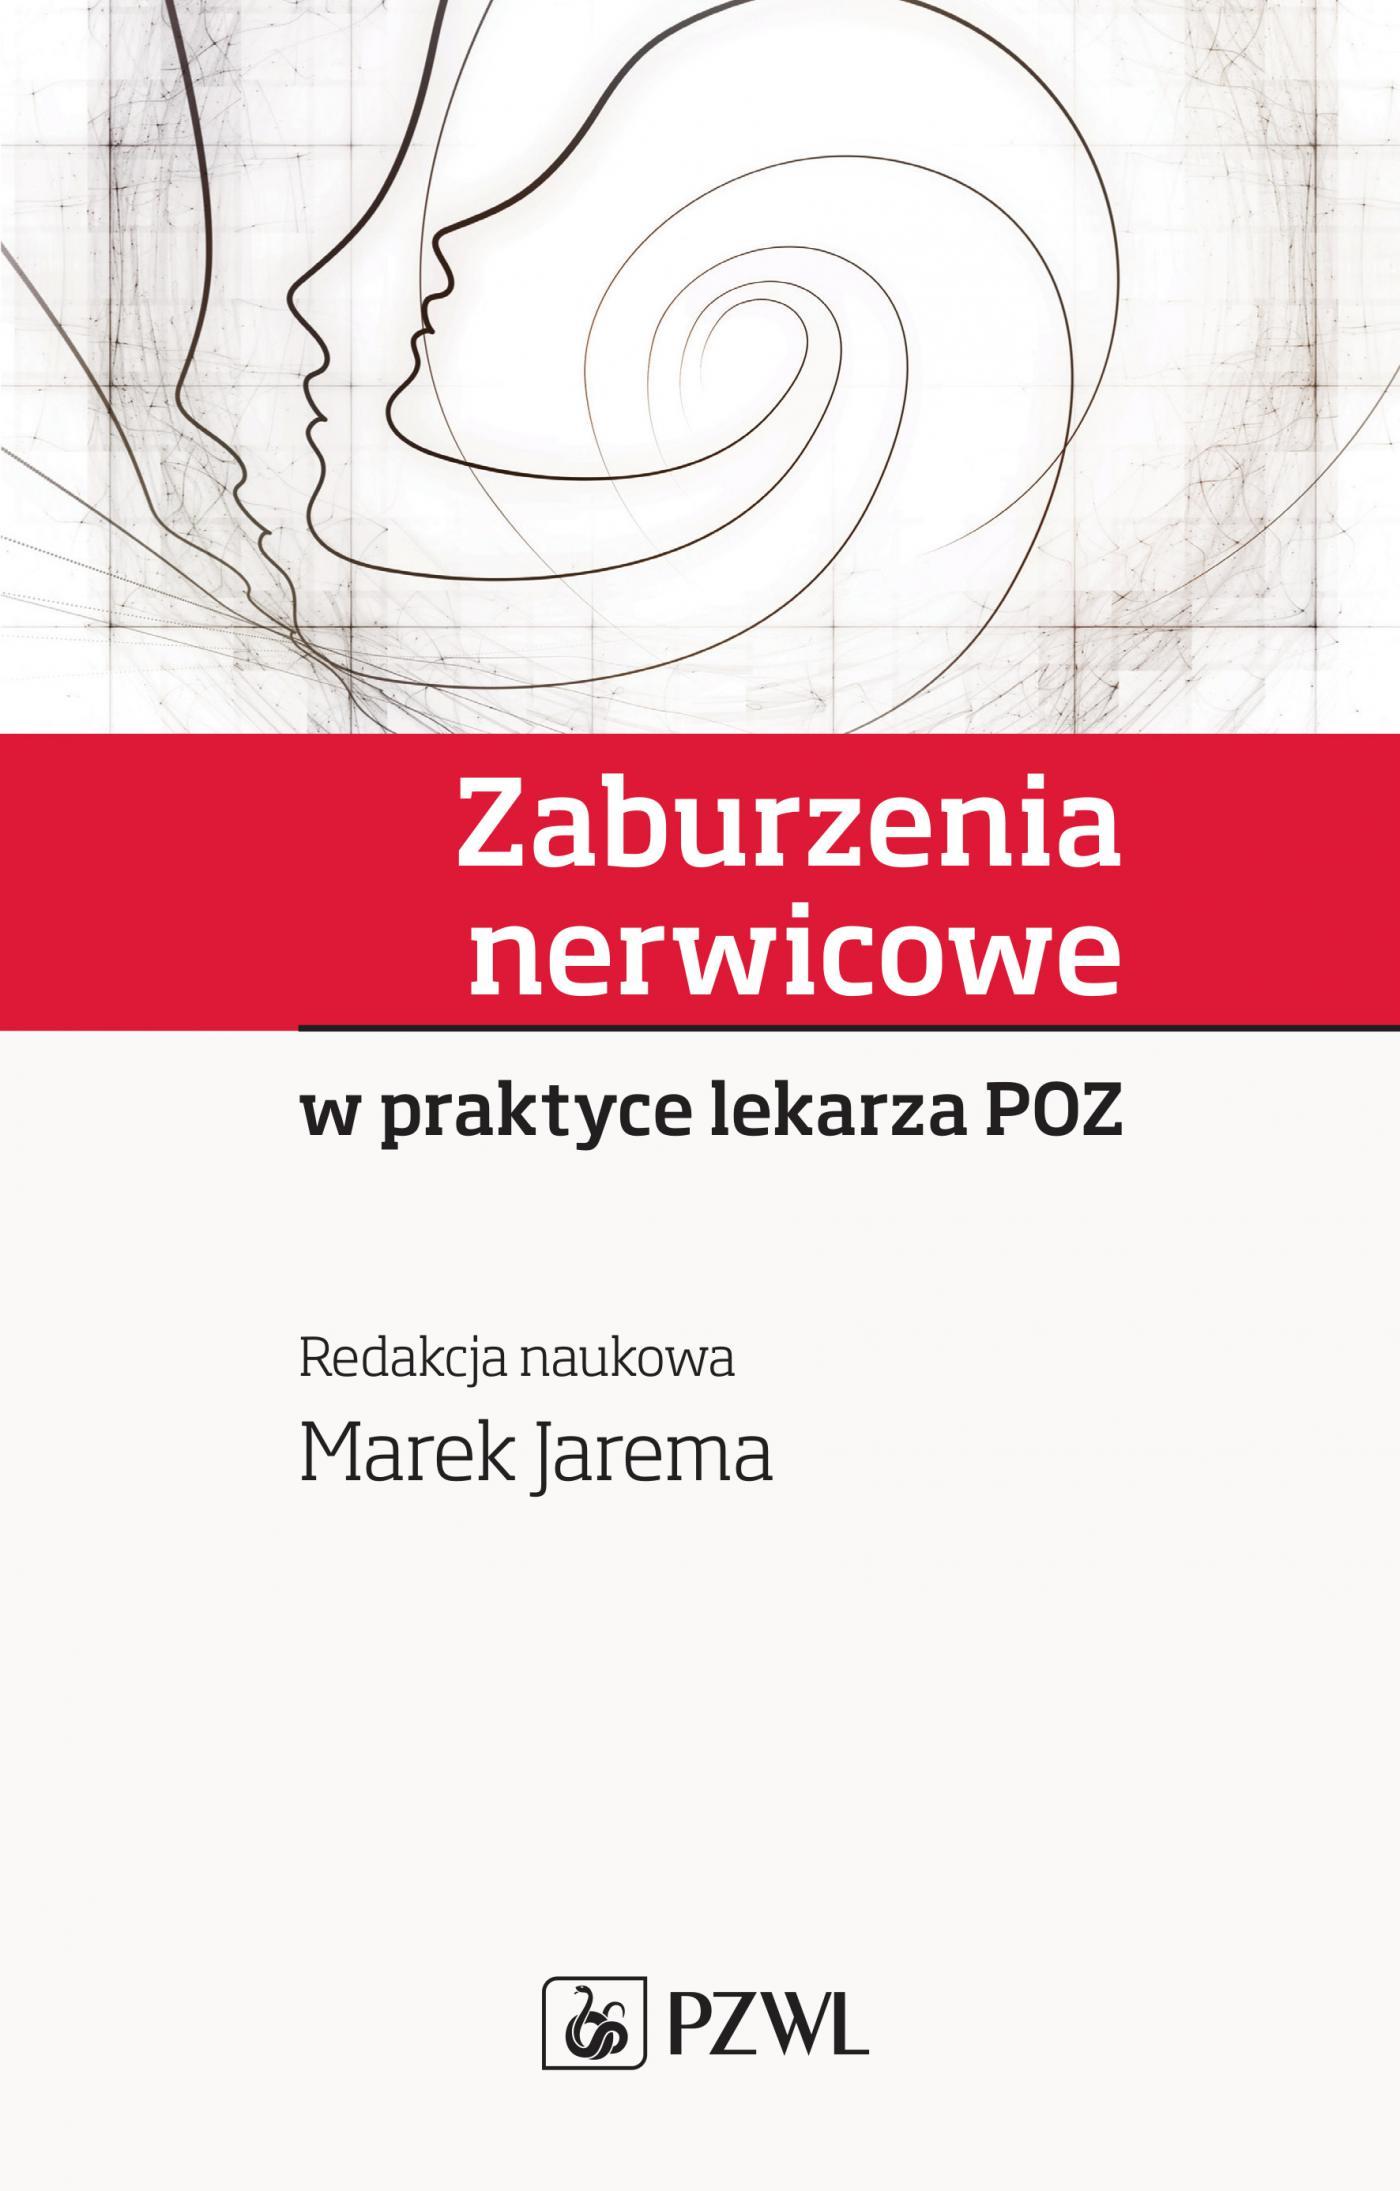 Zaburzenia nerwicowe w praktyce lekarza POZ - Ebook (Książka na Kindle) do pobrania w formacie MOBI